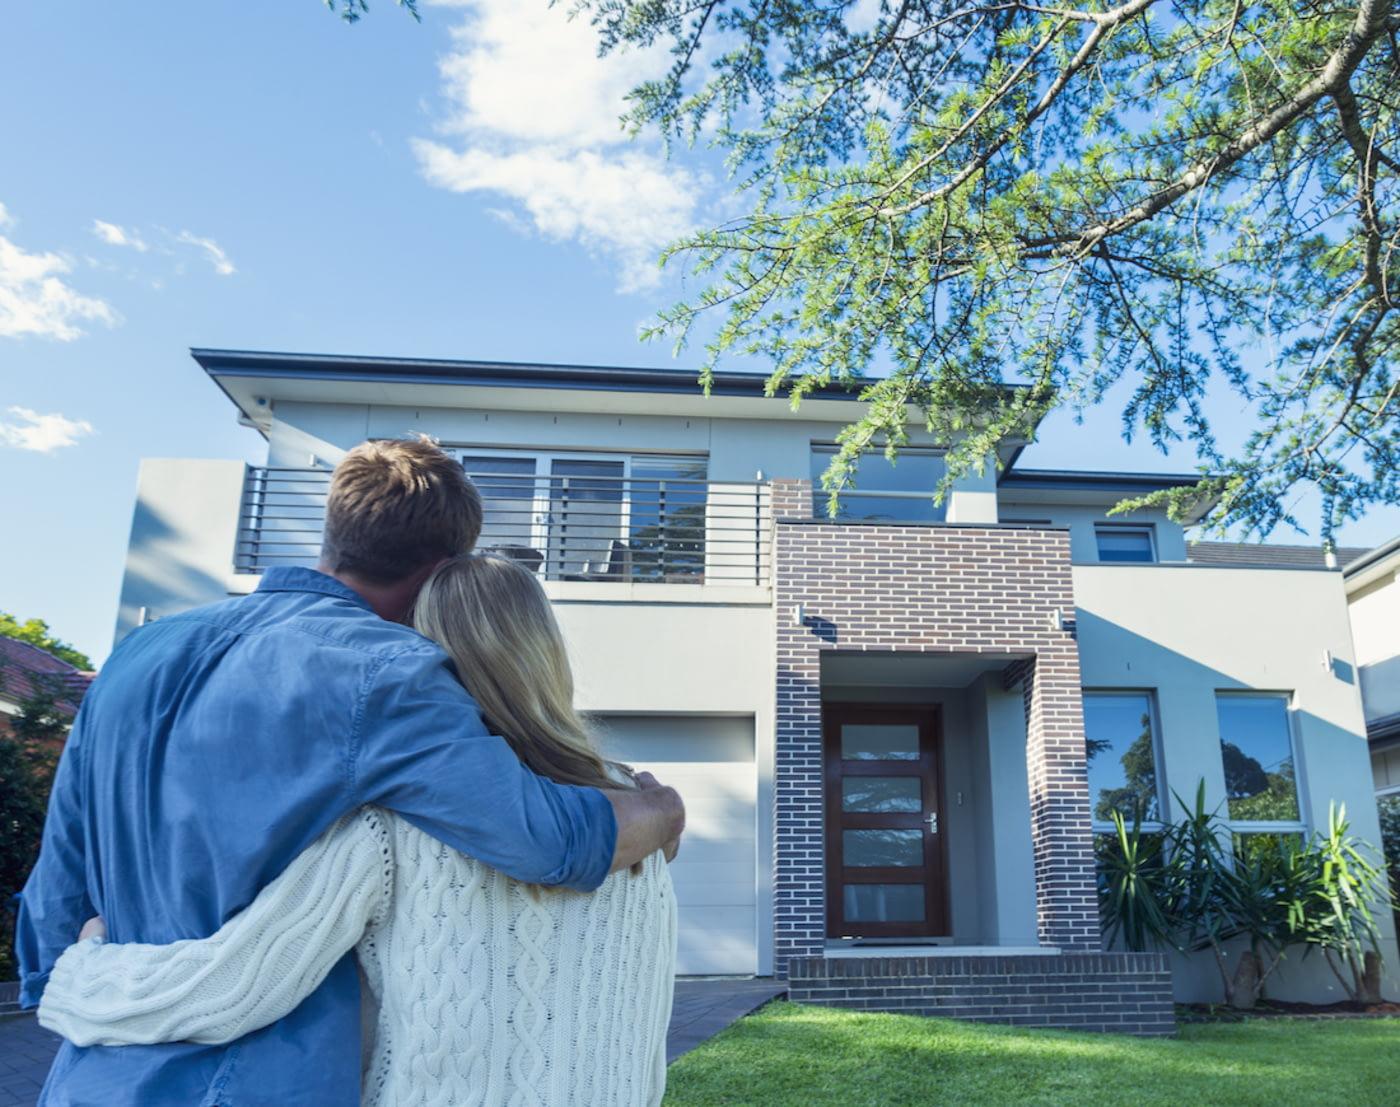 Das Haus ist versichert: Ein Ehepaar steht Arm in Arm und blickt auf sein Haus